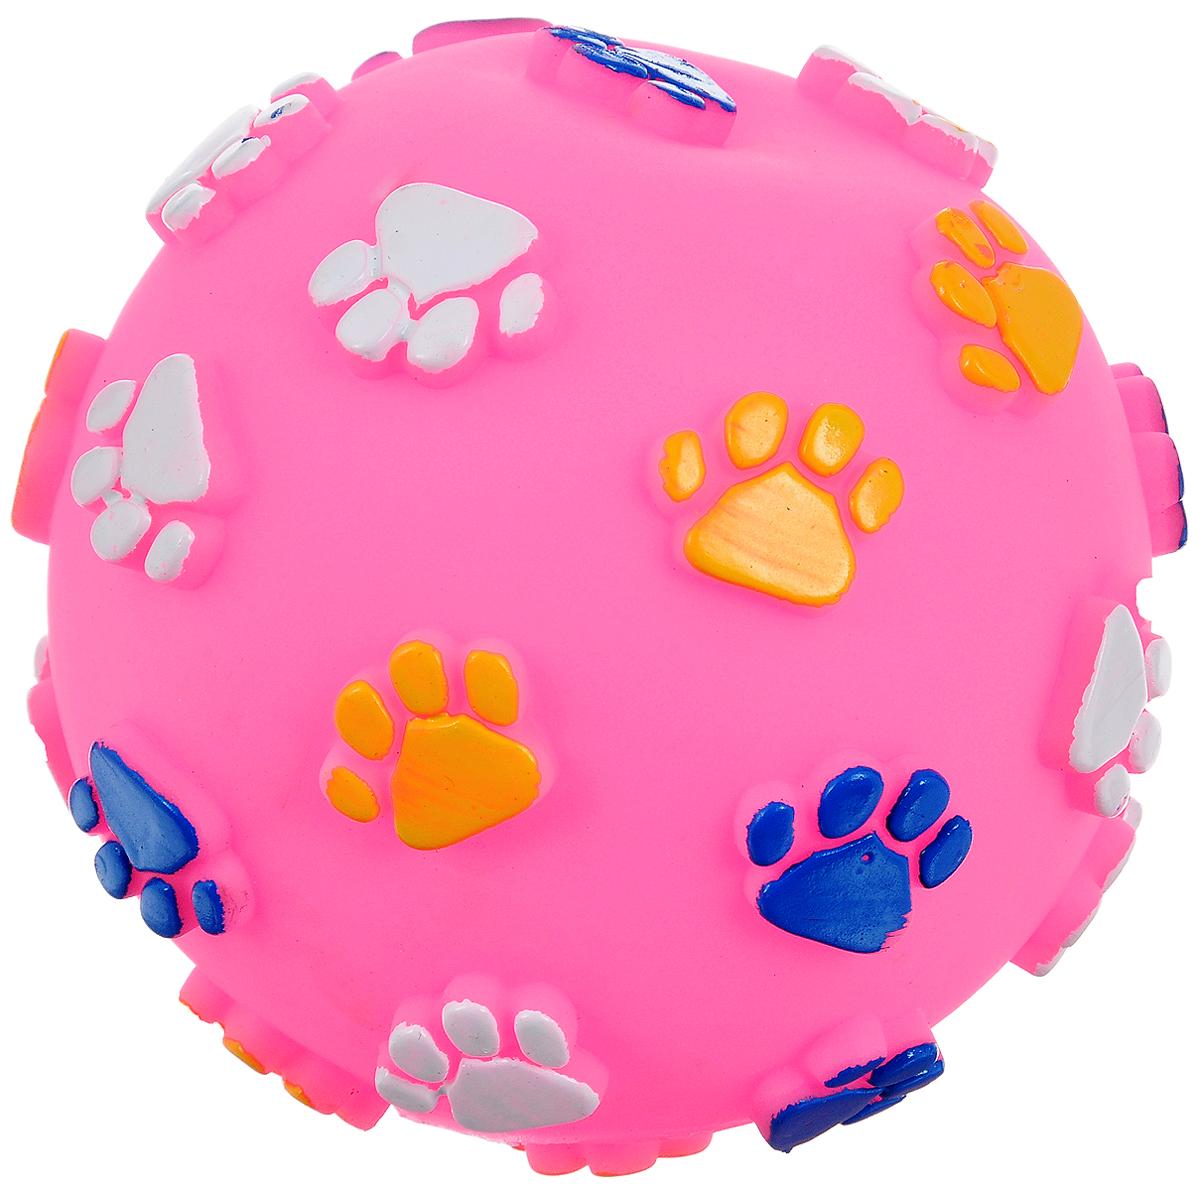 Игрушка для животных Каскад Мяч. Лапки, цвет: розовый, белый, желтый, с пищалкой, диаметр 12,5 см27754622Игрушка Каскад Мяч. Лапки изготовлена из прочной и долговечной резины, устойчивой к разгрызанию. Необычная и забавная игрушка прекрасно подойдет для собак, любящих игрушки с пищалками. Такая игрушка порадует вашего любимца, а вам доставит массу приятных эмоций, ведь наблюдать за игрой всегда интересно и приятно. Диаметр: 12,5 см.